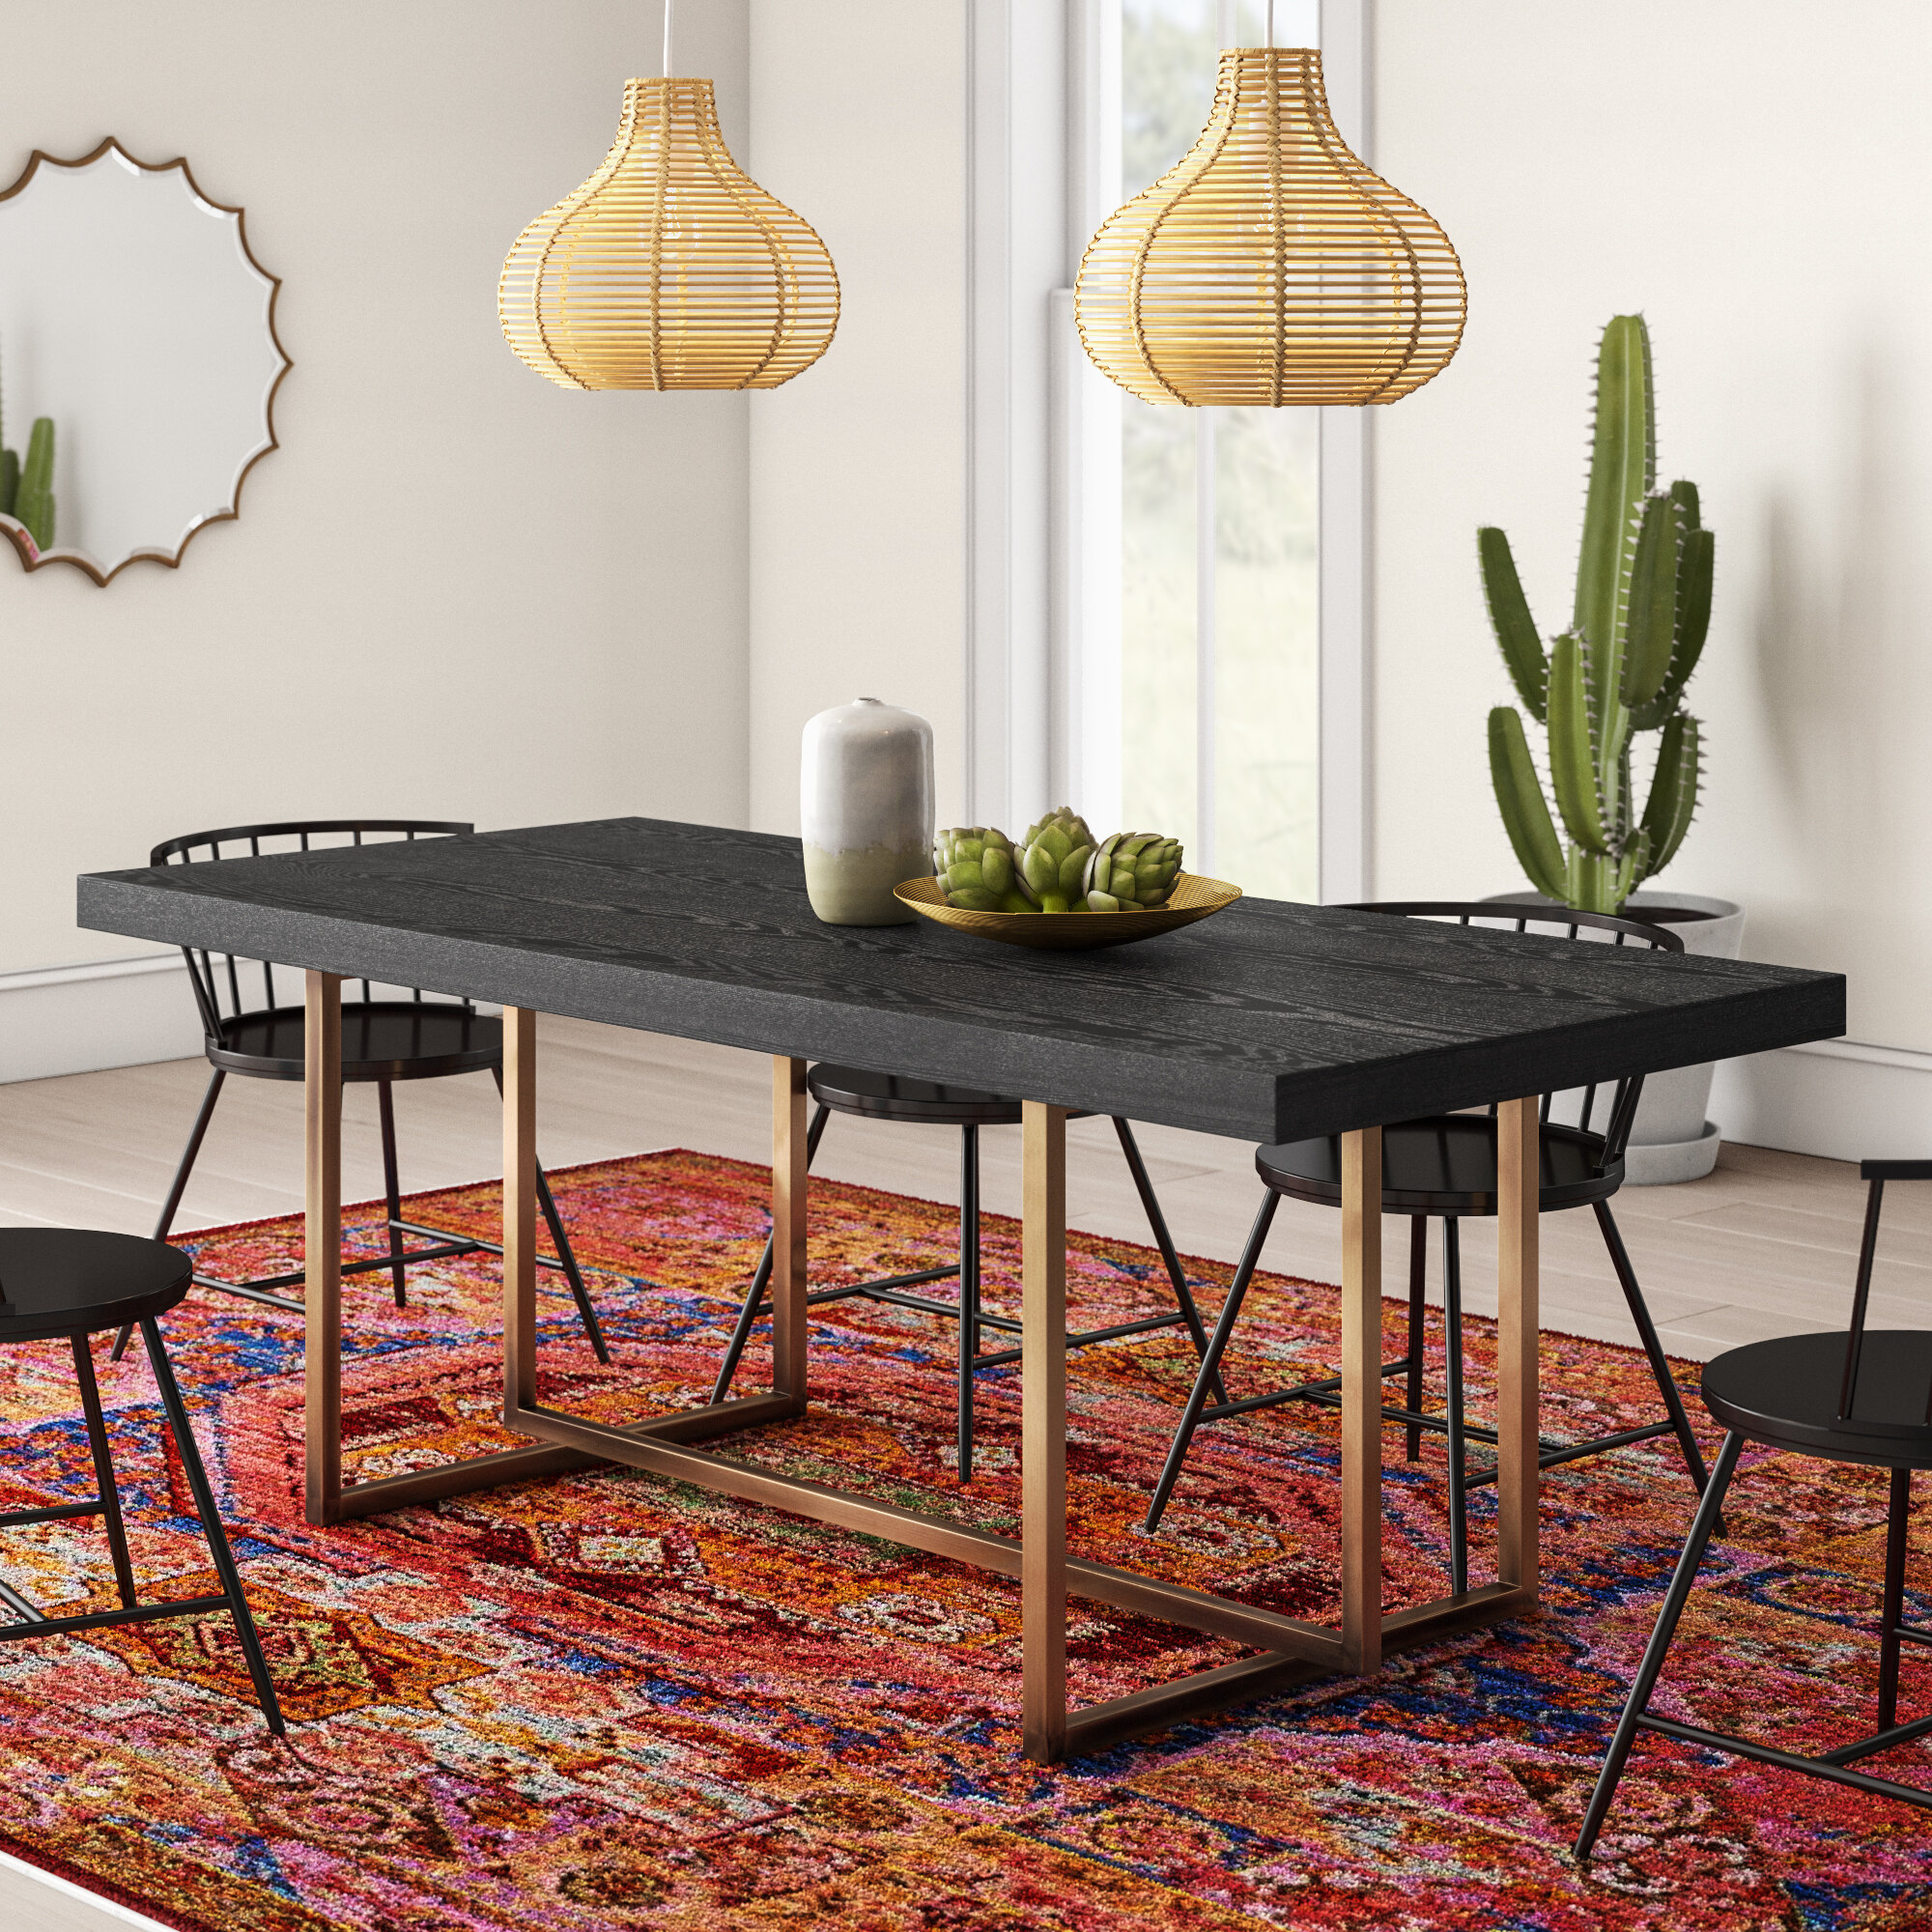 Groovy Avalon Dining Table Machost Co Dining Chair Design Ideas Machostcouk